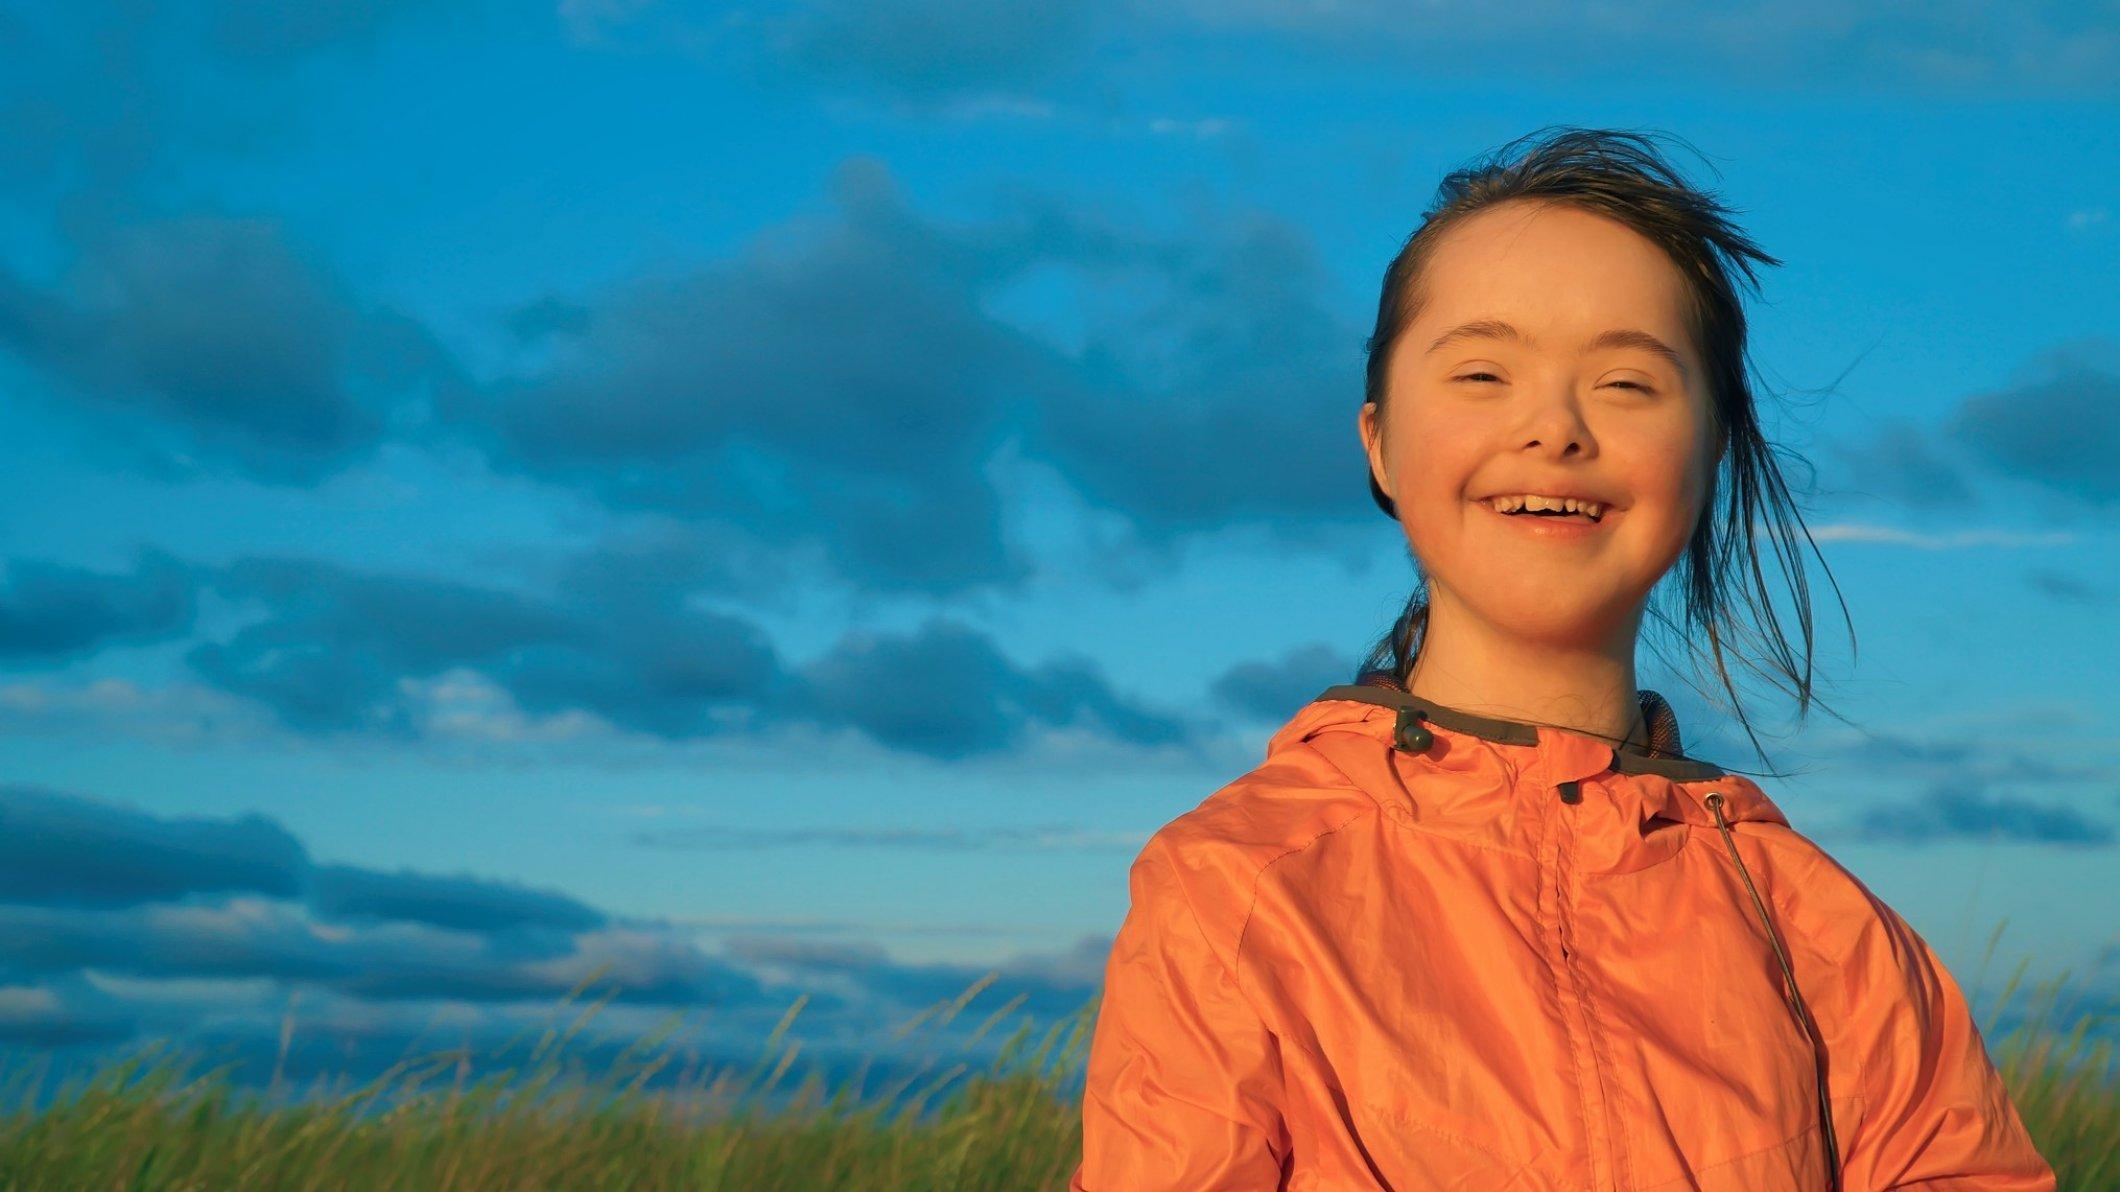 Ein fröhliches Mädchen mit Down-Syndrom lachend auf einer Wiese  vor blauem Himmel